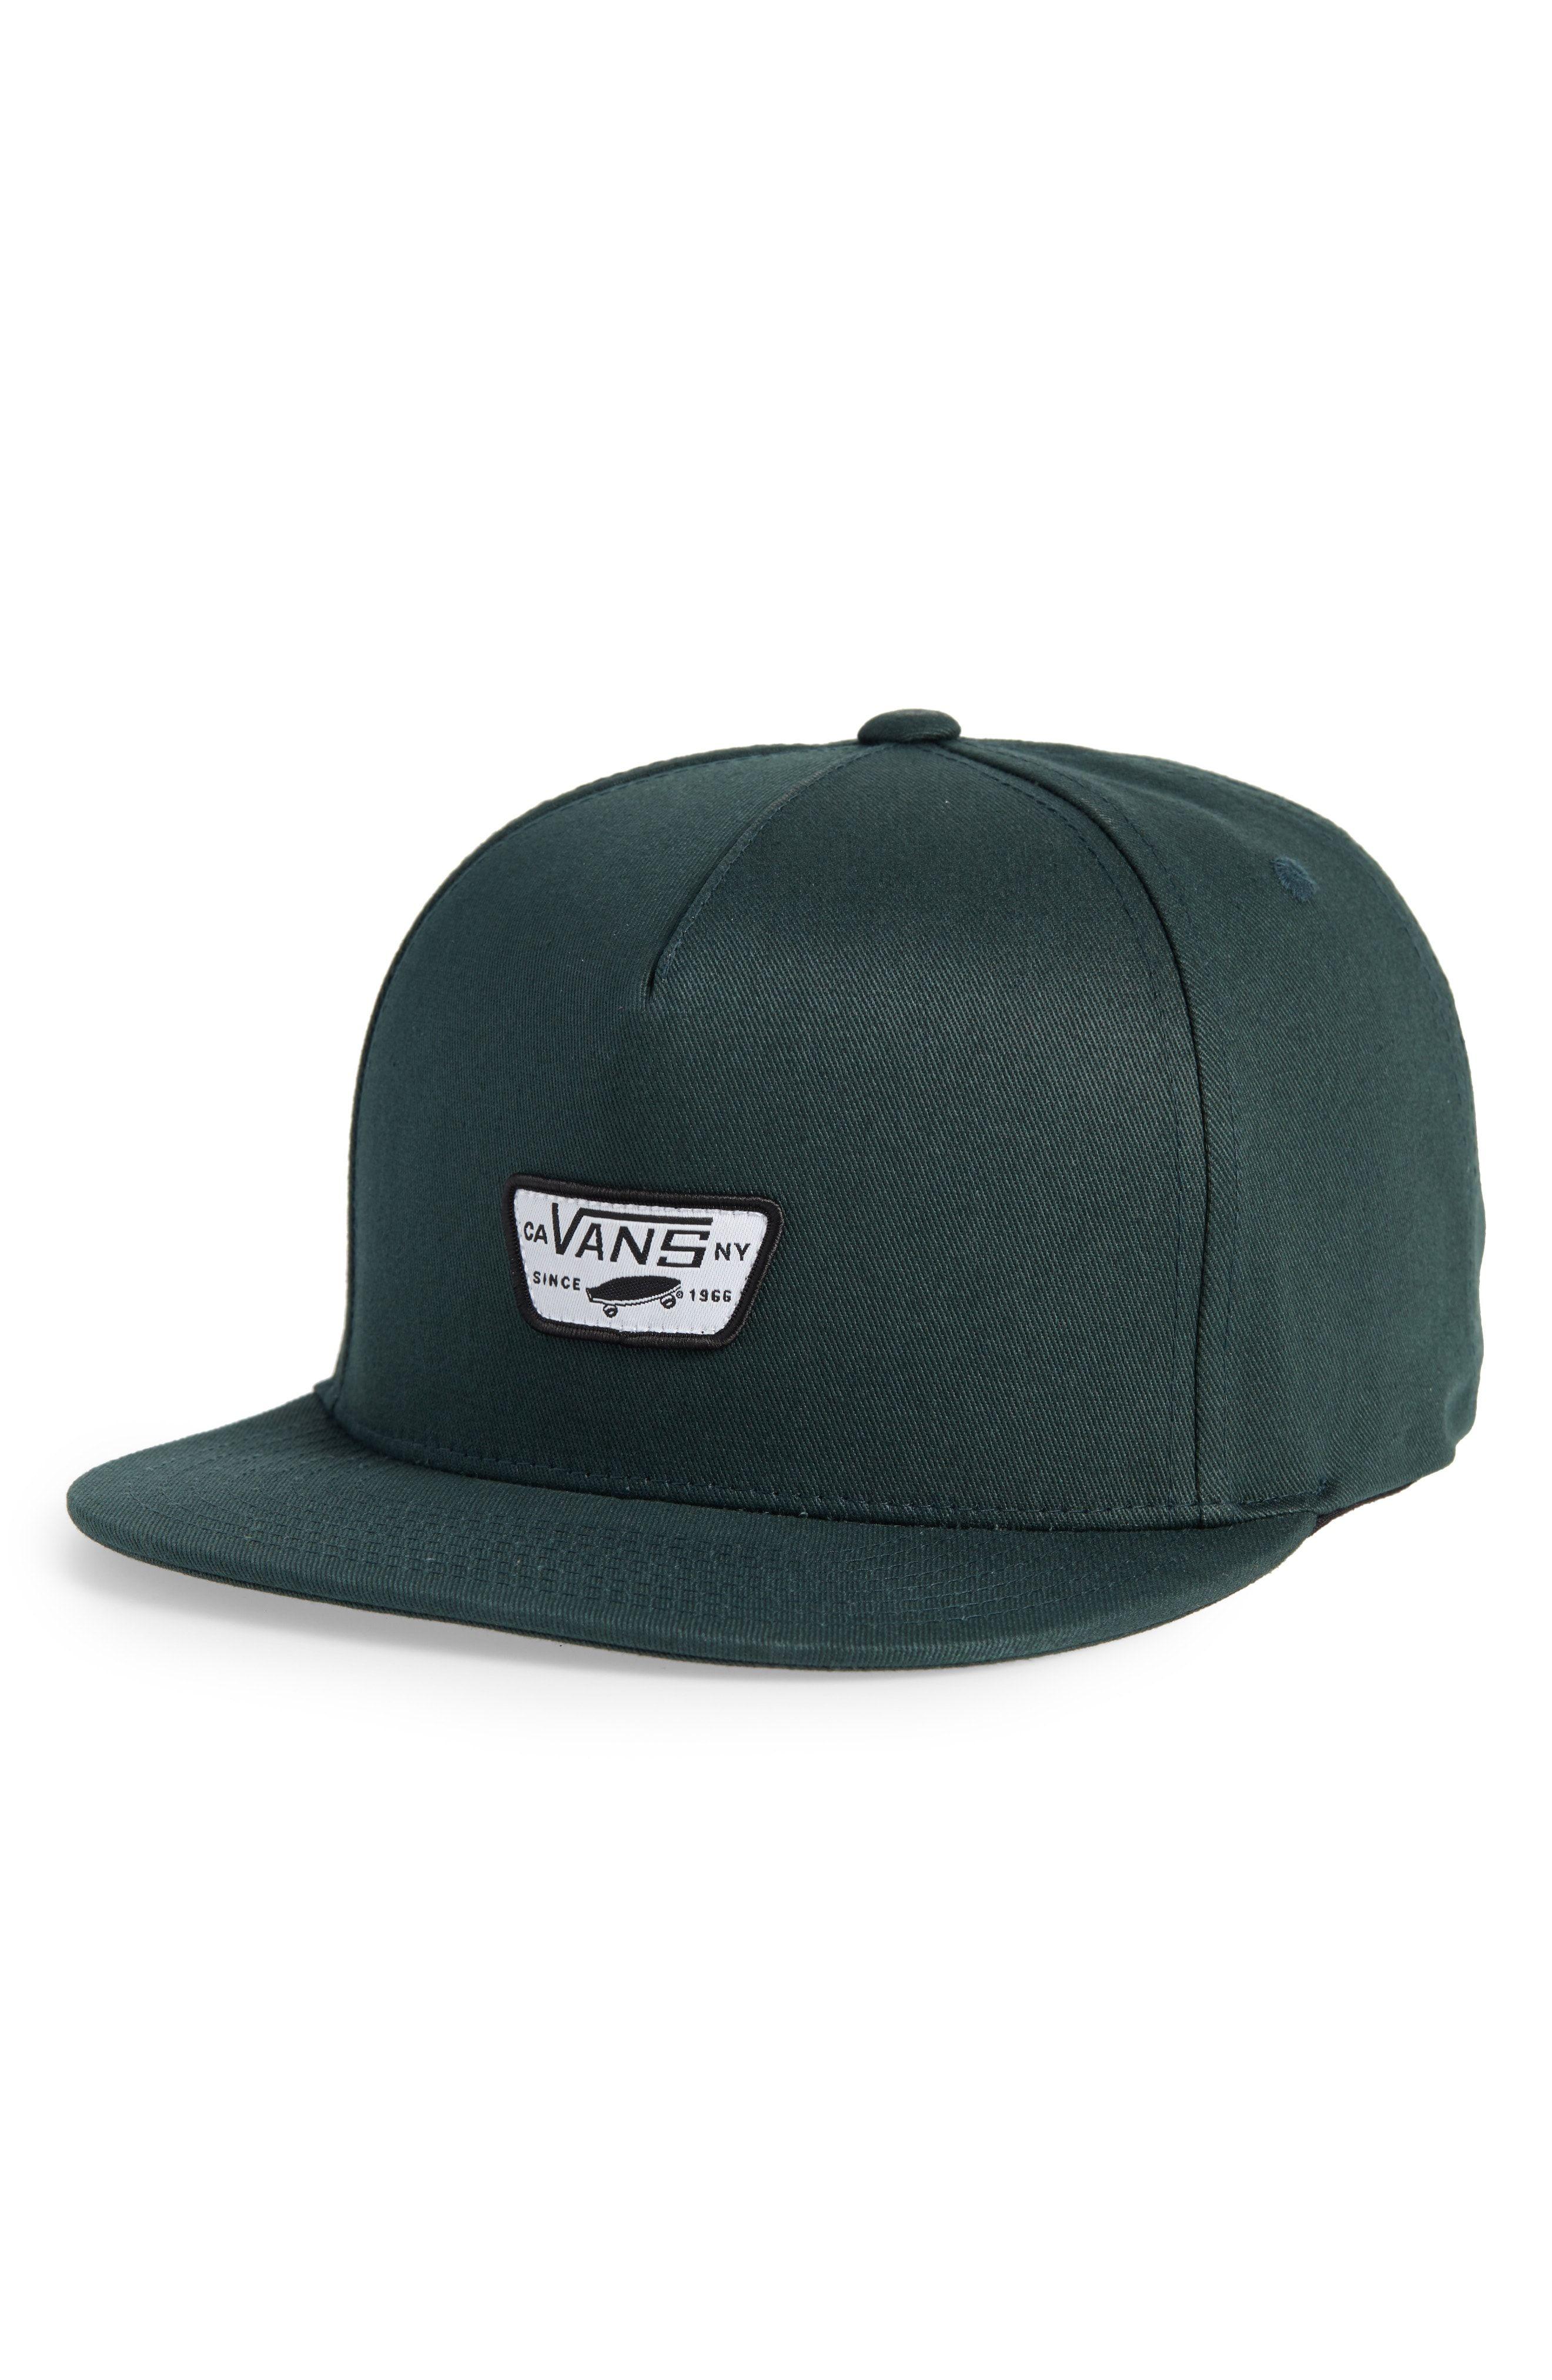 VANS MINI PATCH II SNAPBACK CAP - GREEN.  vans  f81c4be3fc0